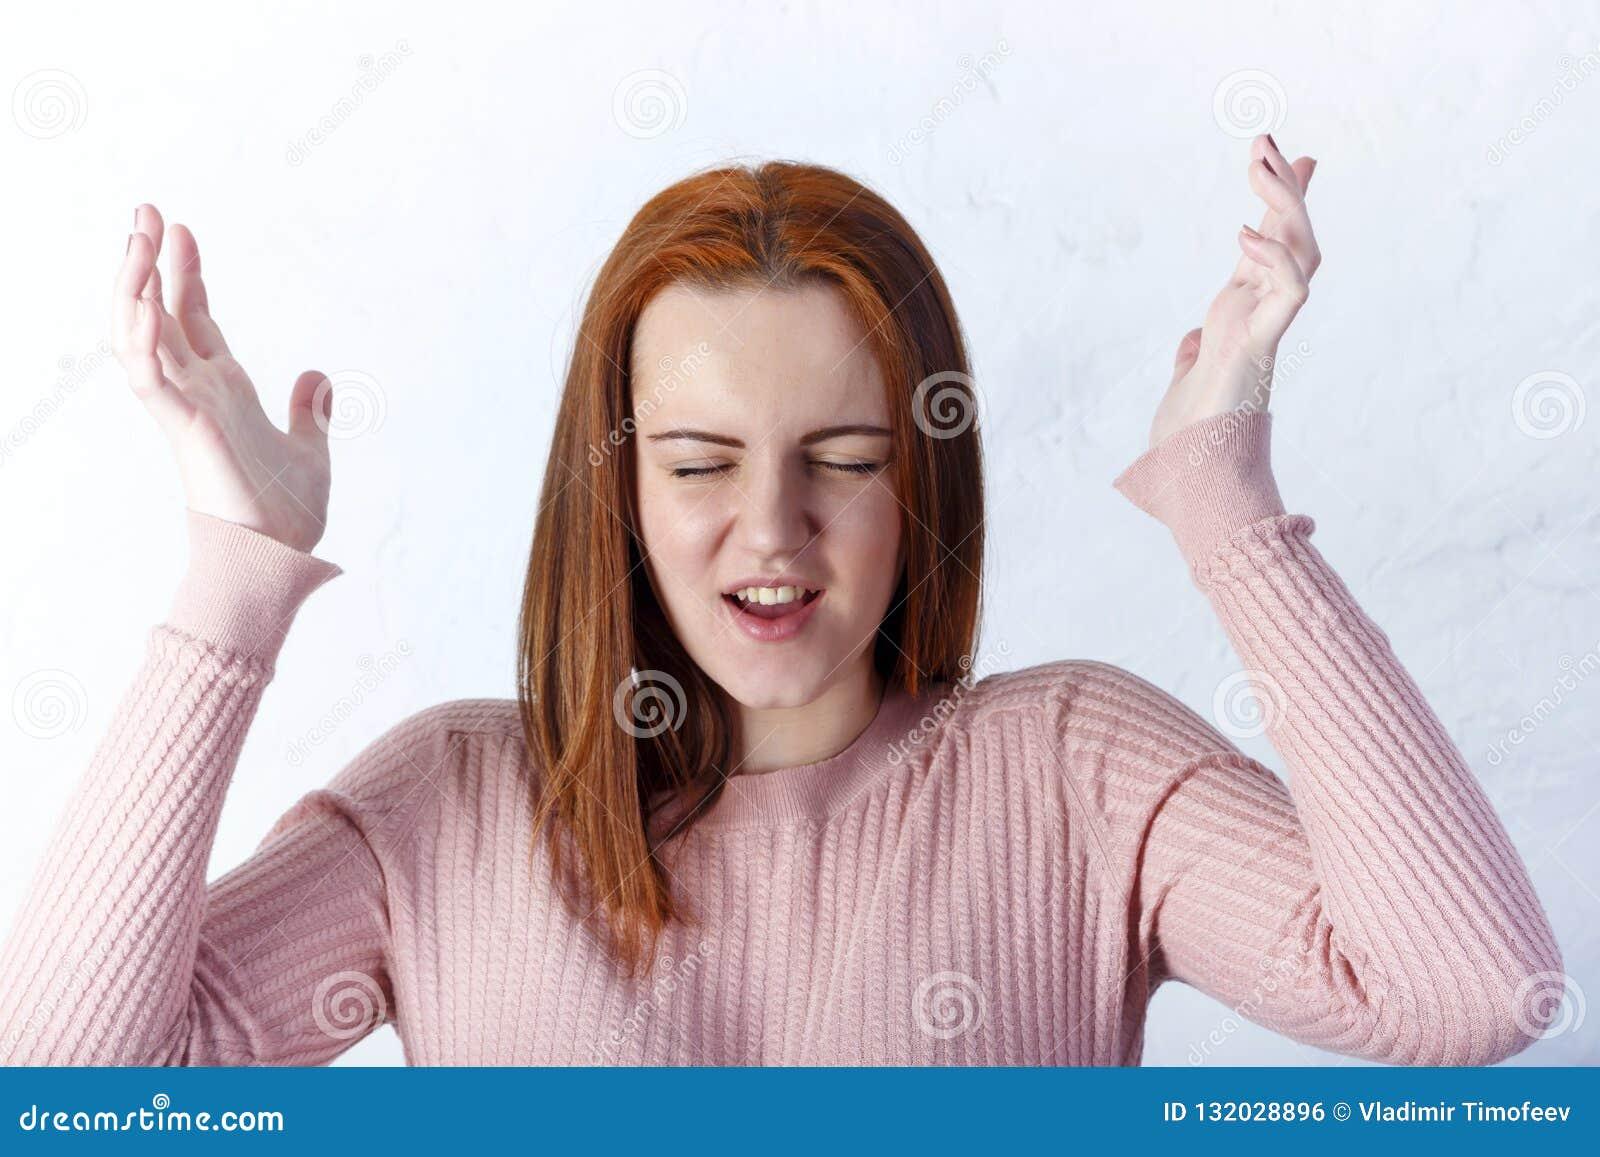 Κινηματογράφηση σε πρώτο πλάνο του μπερδεμένου δυστυχισμένου όμορφου κοριτσιού που απομονώνεται στο άσπρο υπόβαθρο που παρουσιάζε